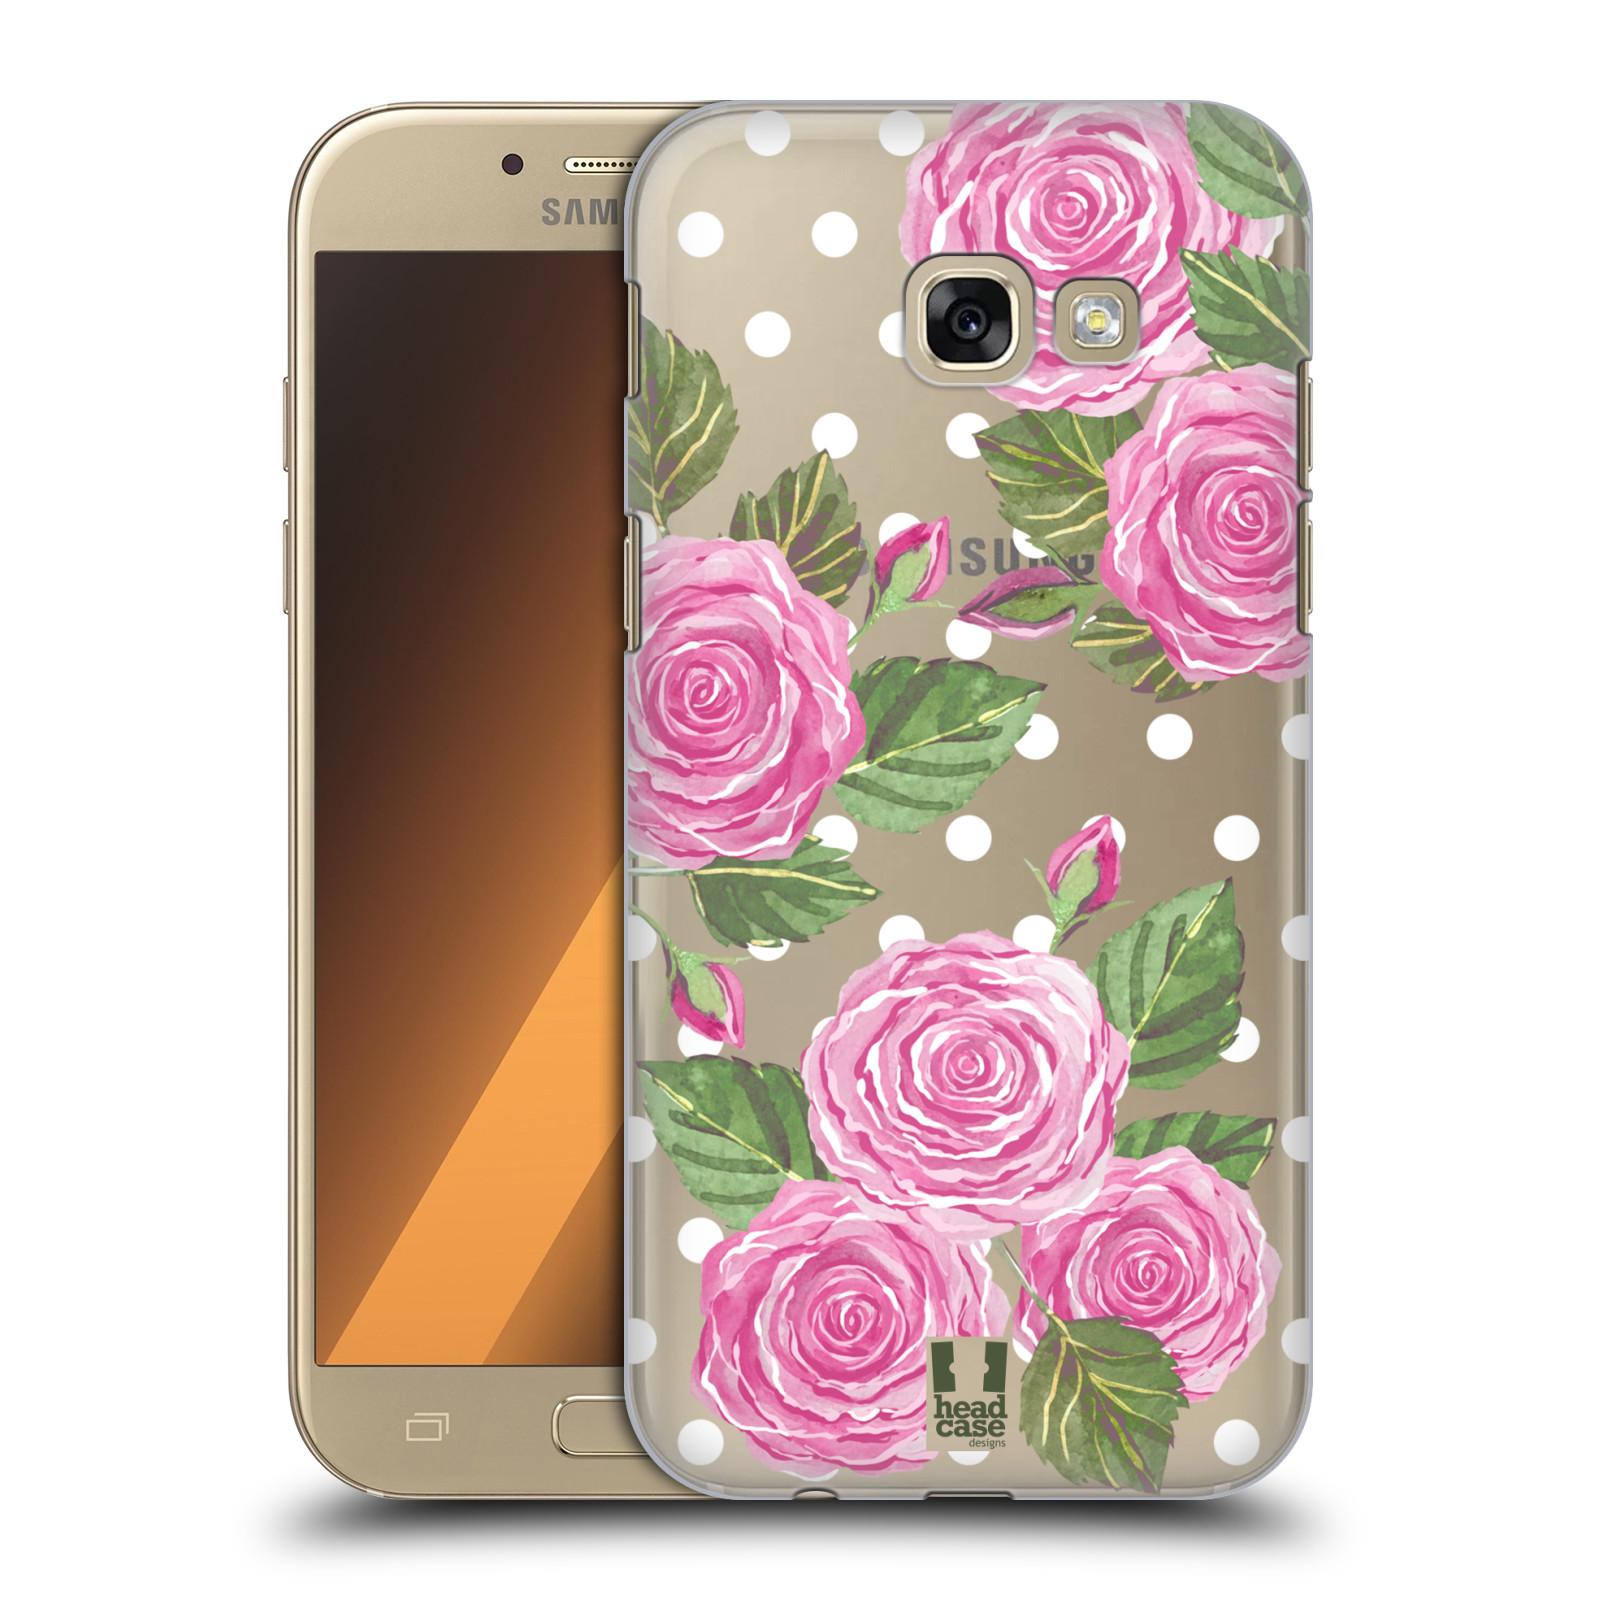 Plastové pouzdro na mobil Samsung Galaxy A5 (2017) - Head Case - Hezoučké růžičky - průhledné